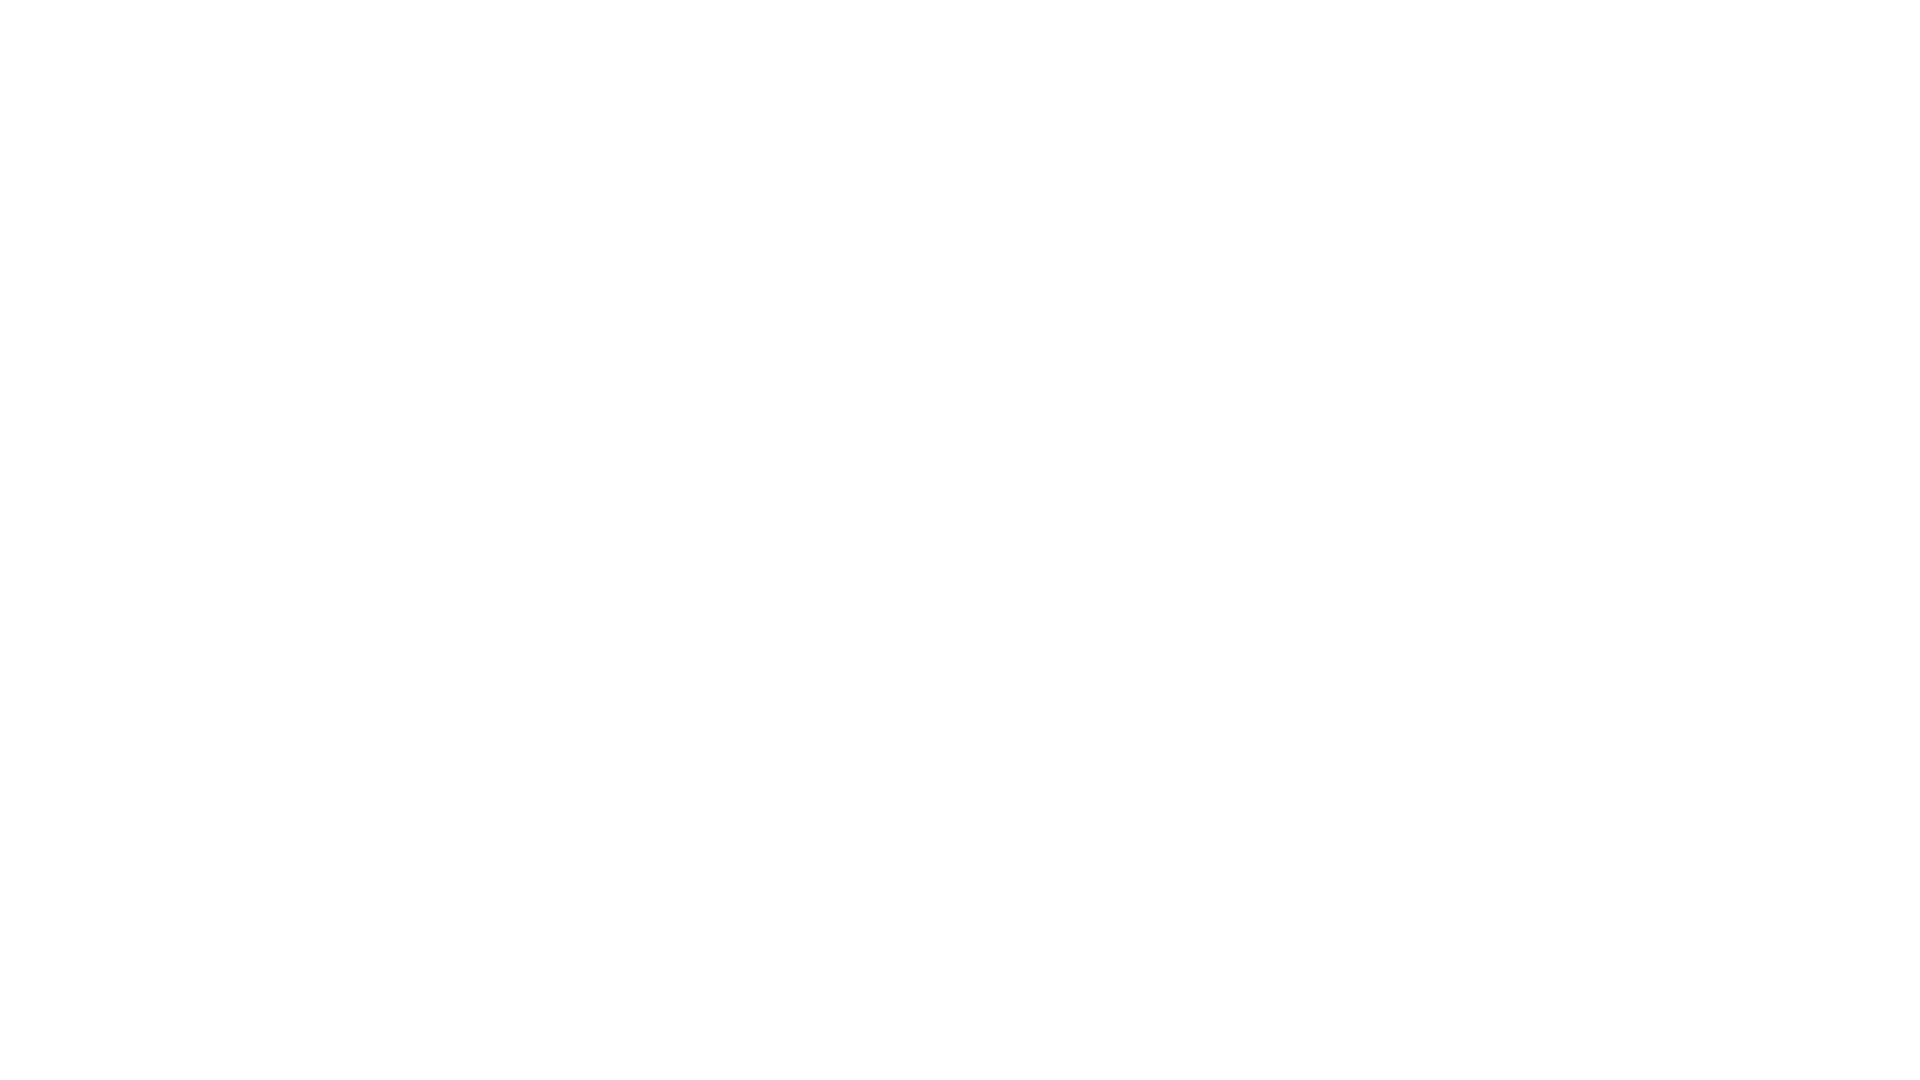 ▲復活限定▲ハイビジョン 盗神伝 Vol.18 洗面所のぞき エロ画像 104枚 14